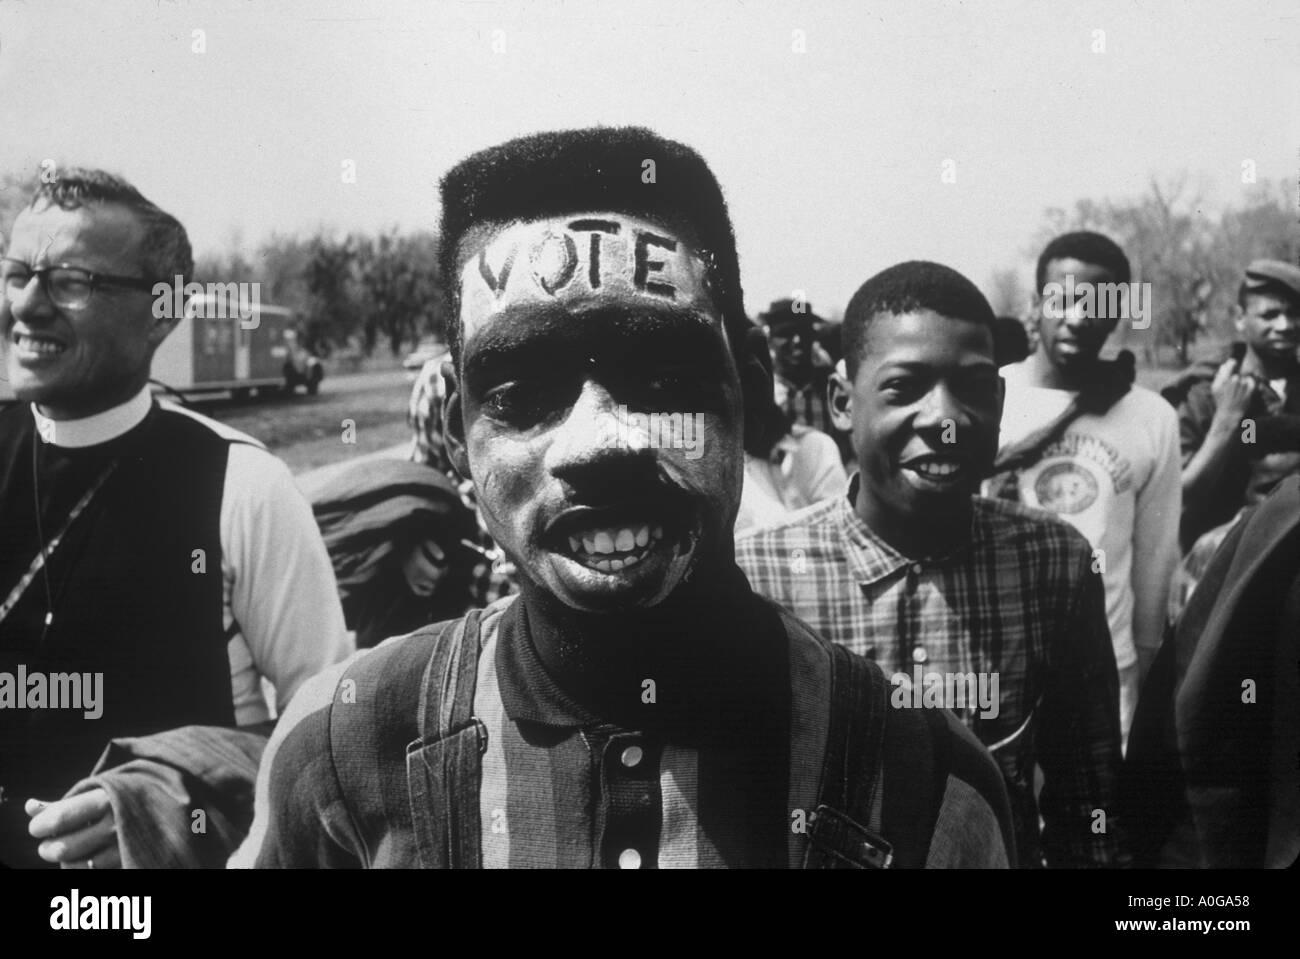 Selma Alabama 1965 Selma Marzo voto escrito en la frente de un joven negro que luchan por los derechos de voto Imagen De Stock